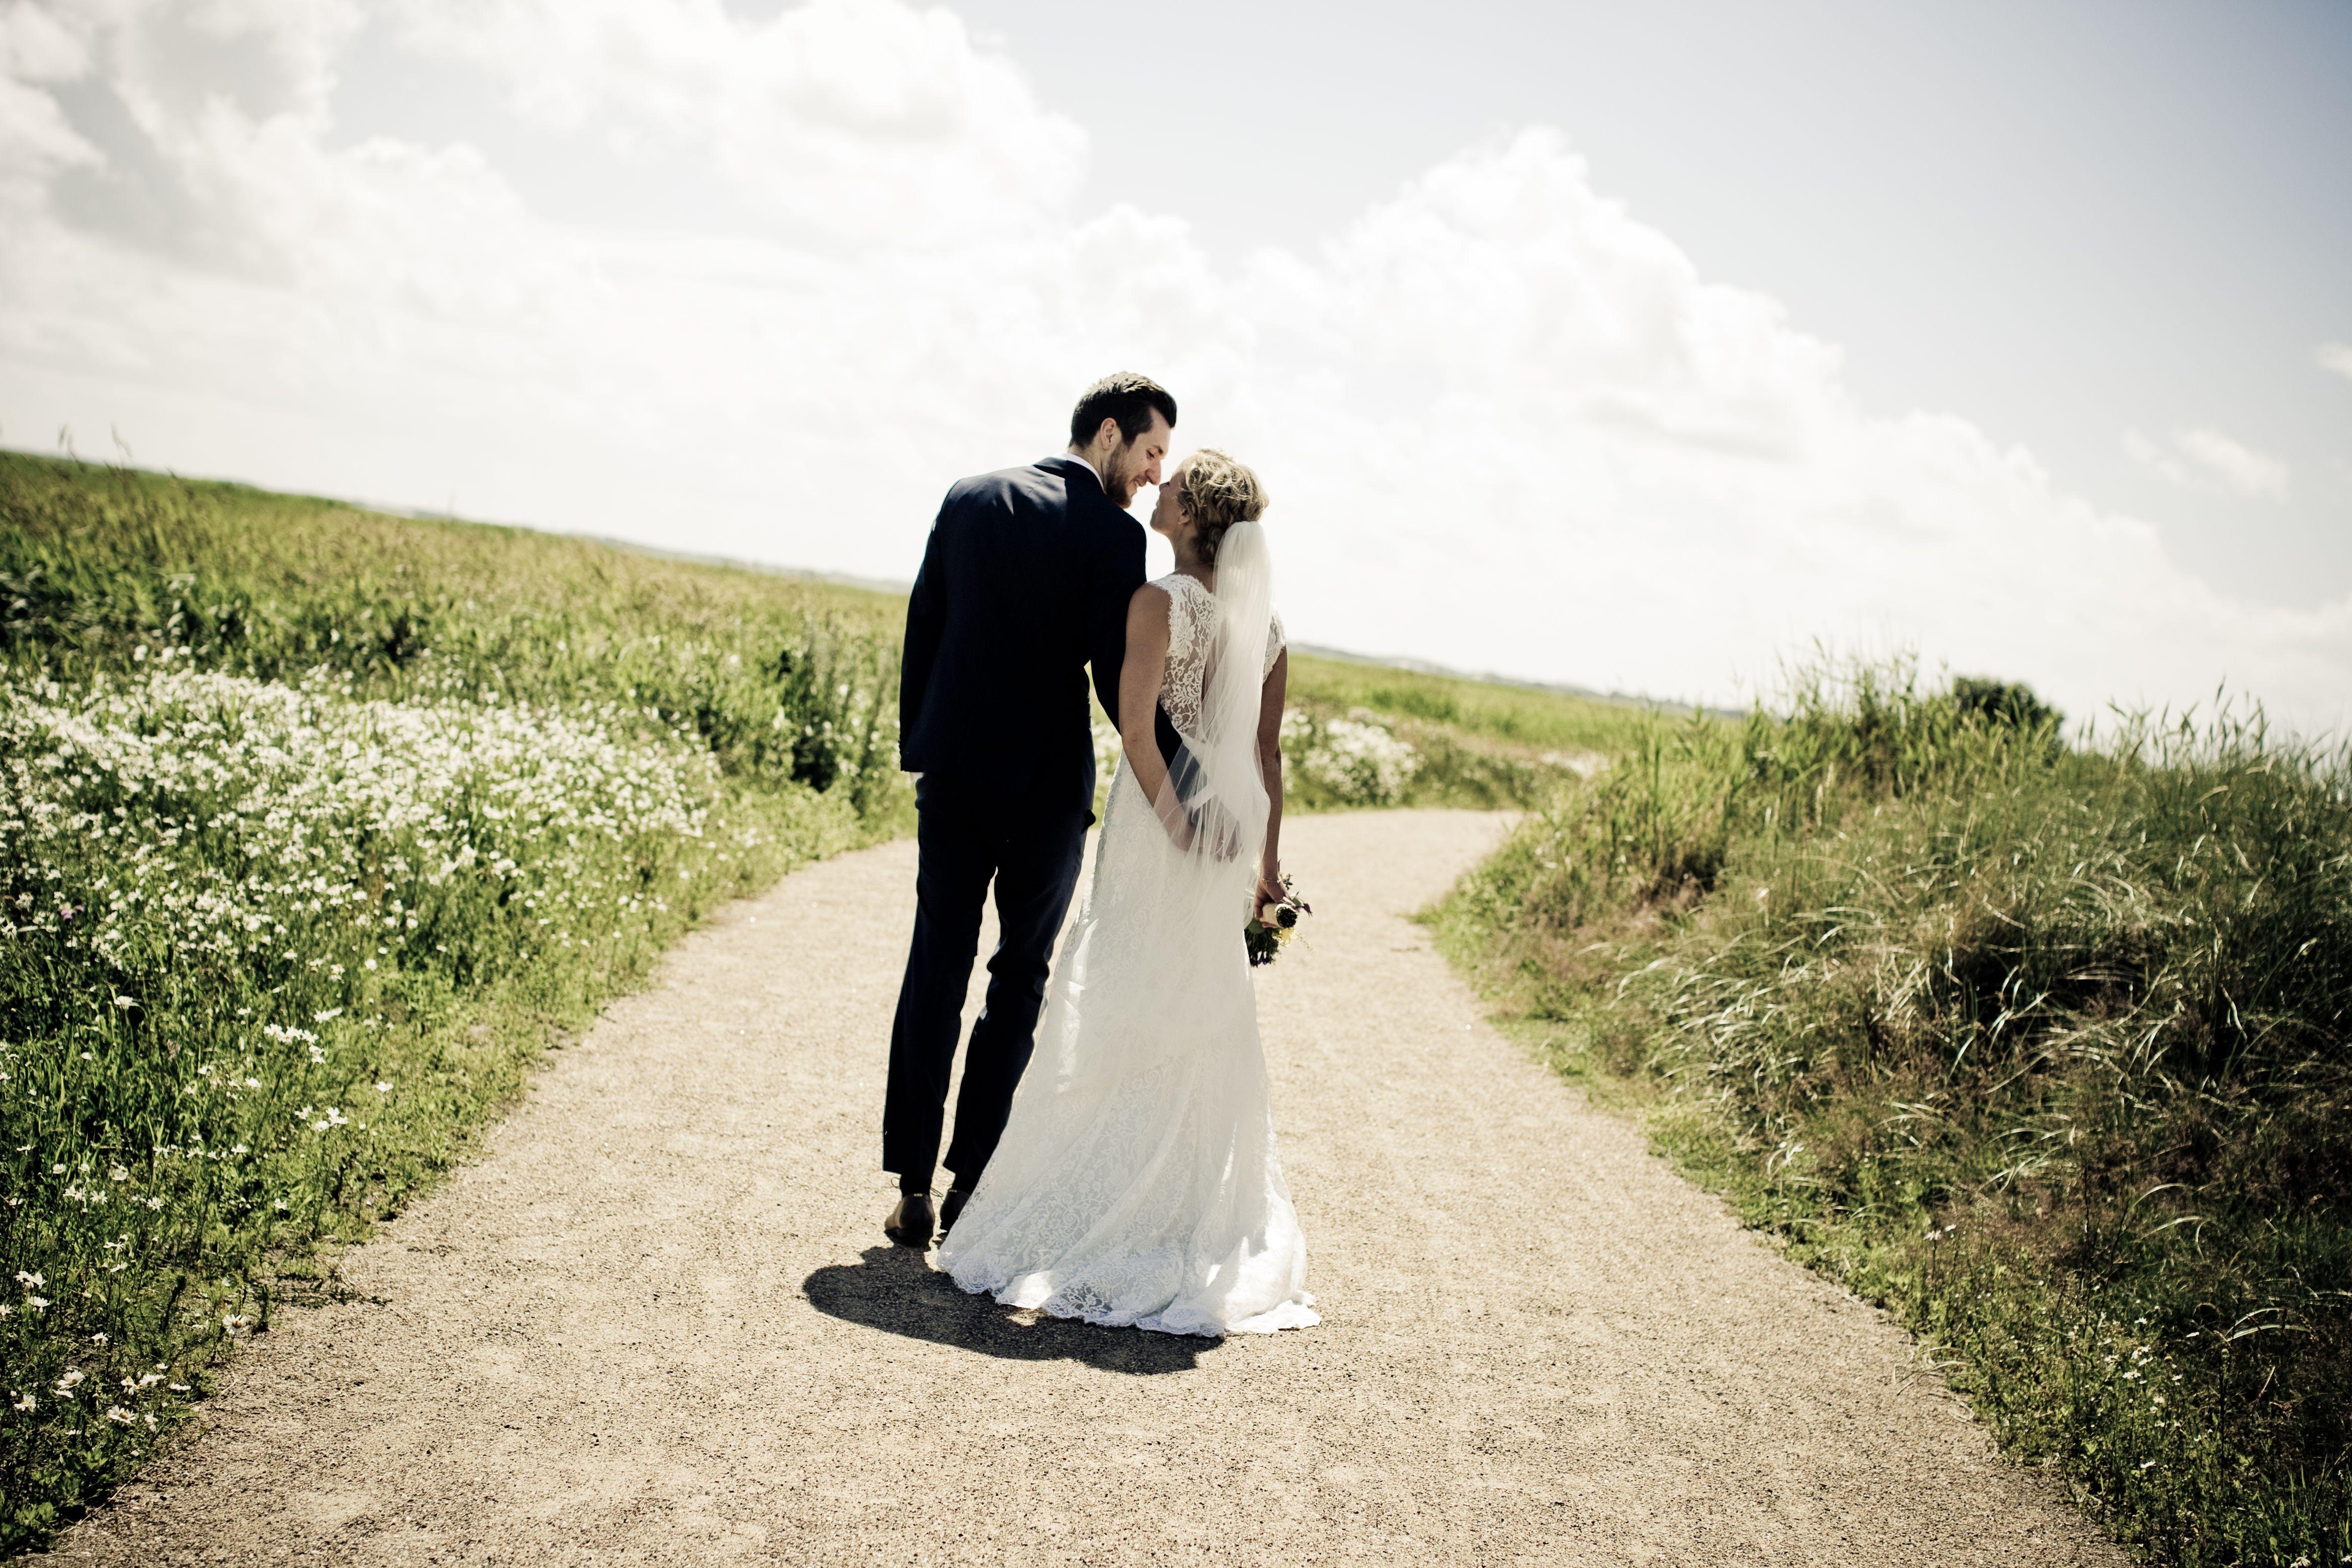 Nar Du Skal Fotografere Et Bryllup Ma Intet Ga Galt Som Bryllupsfotograf Har Du Kun En Chance For At Tage Billeder Af Brudekjole Med Blonder Fotograf Bryllup